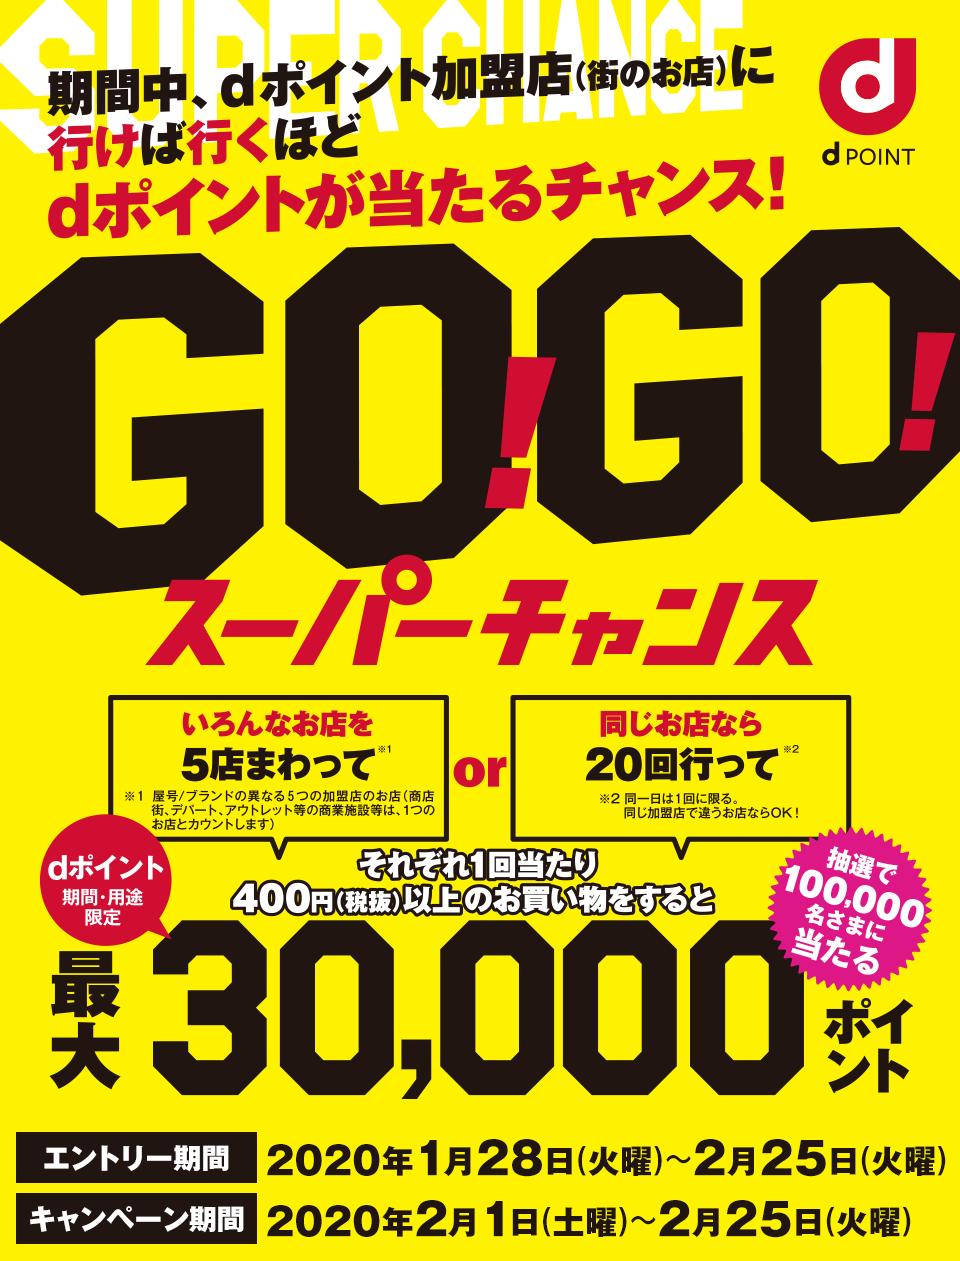 ドコモが買い回りで最大3万ポイントが当たる「GO!GO!スーパーチャンス」を開催予定。2/1~2/25。